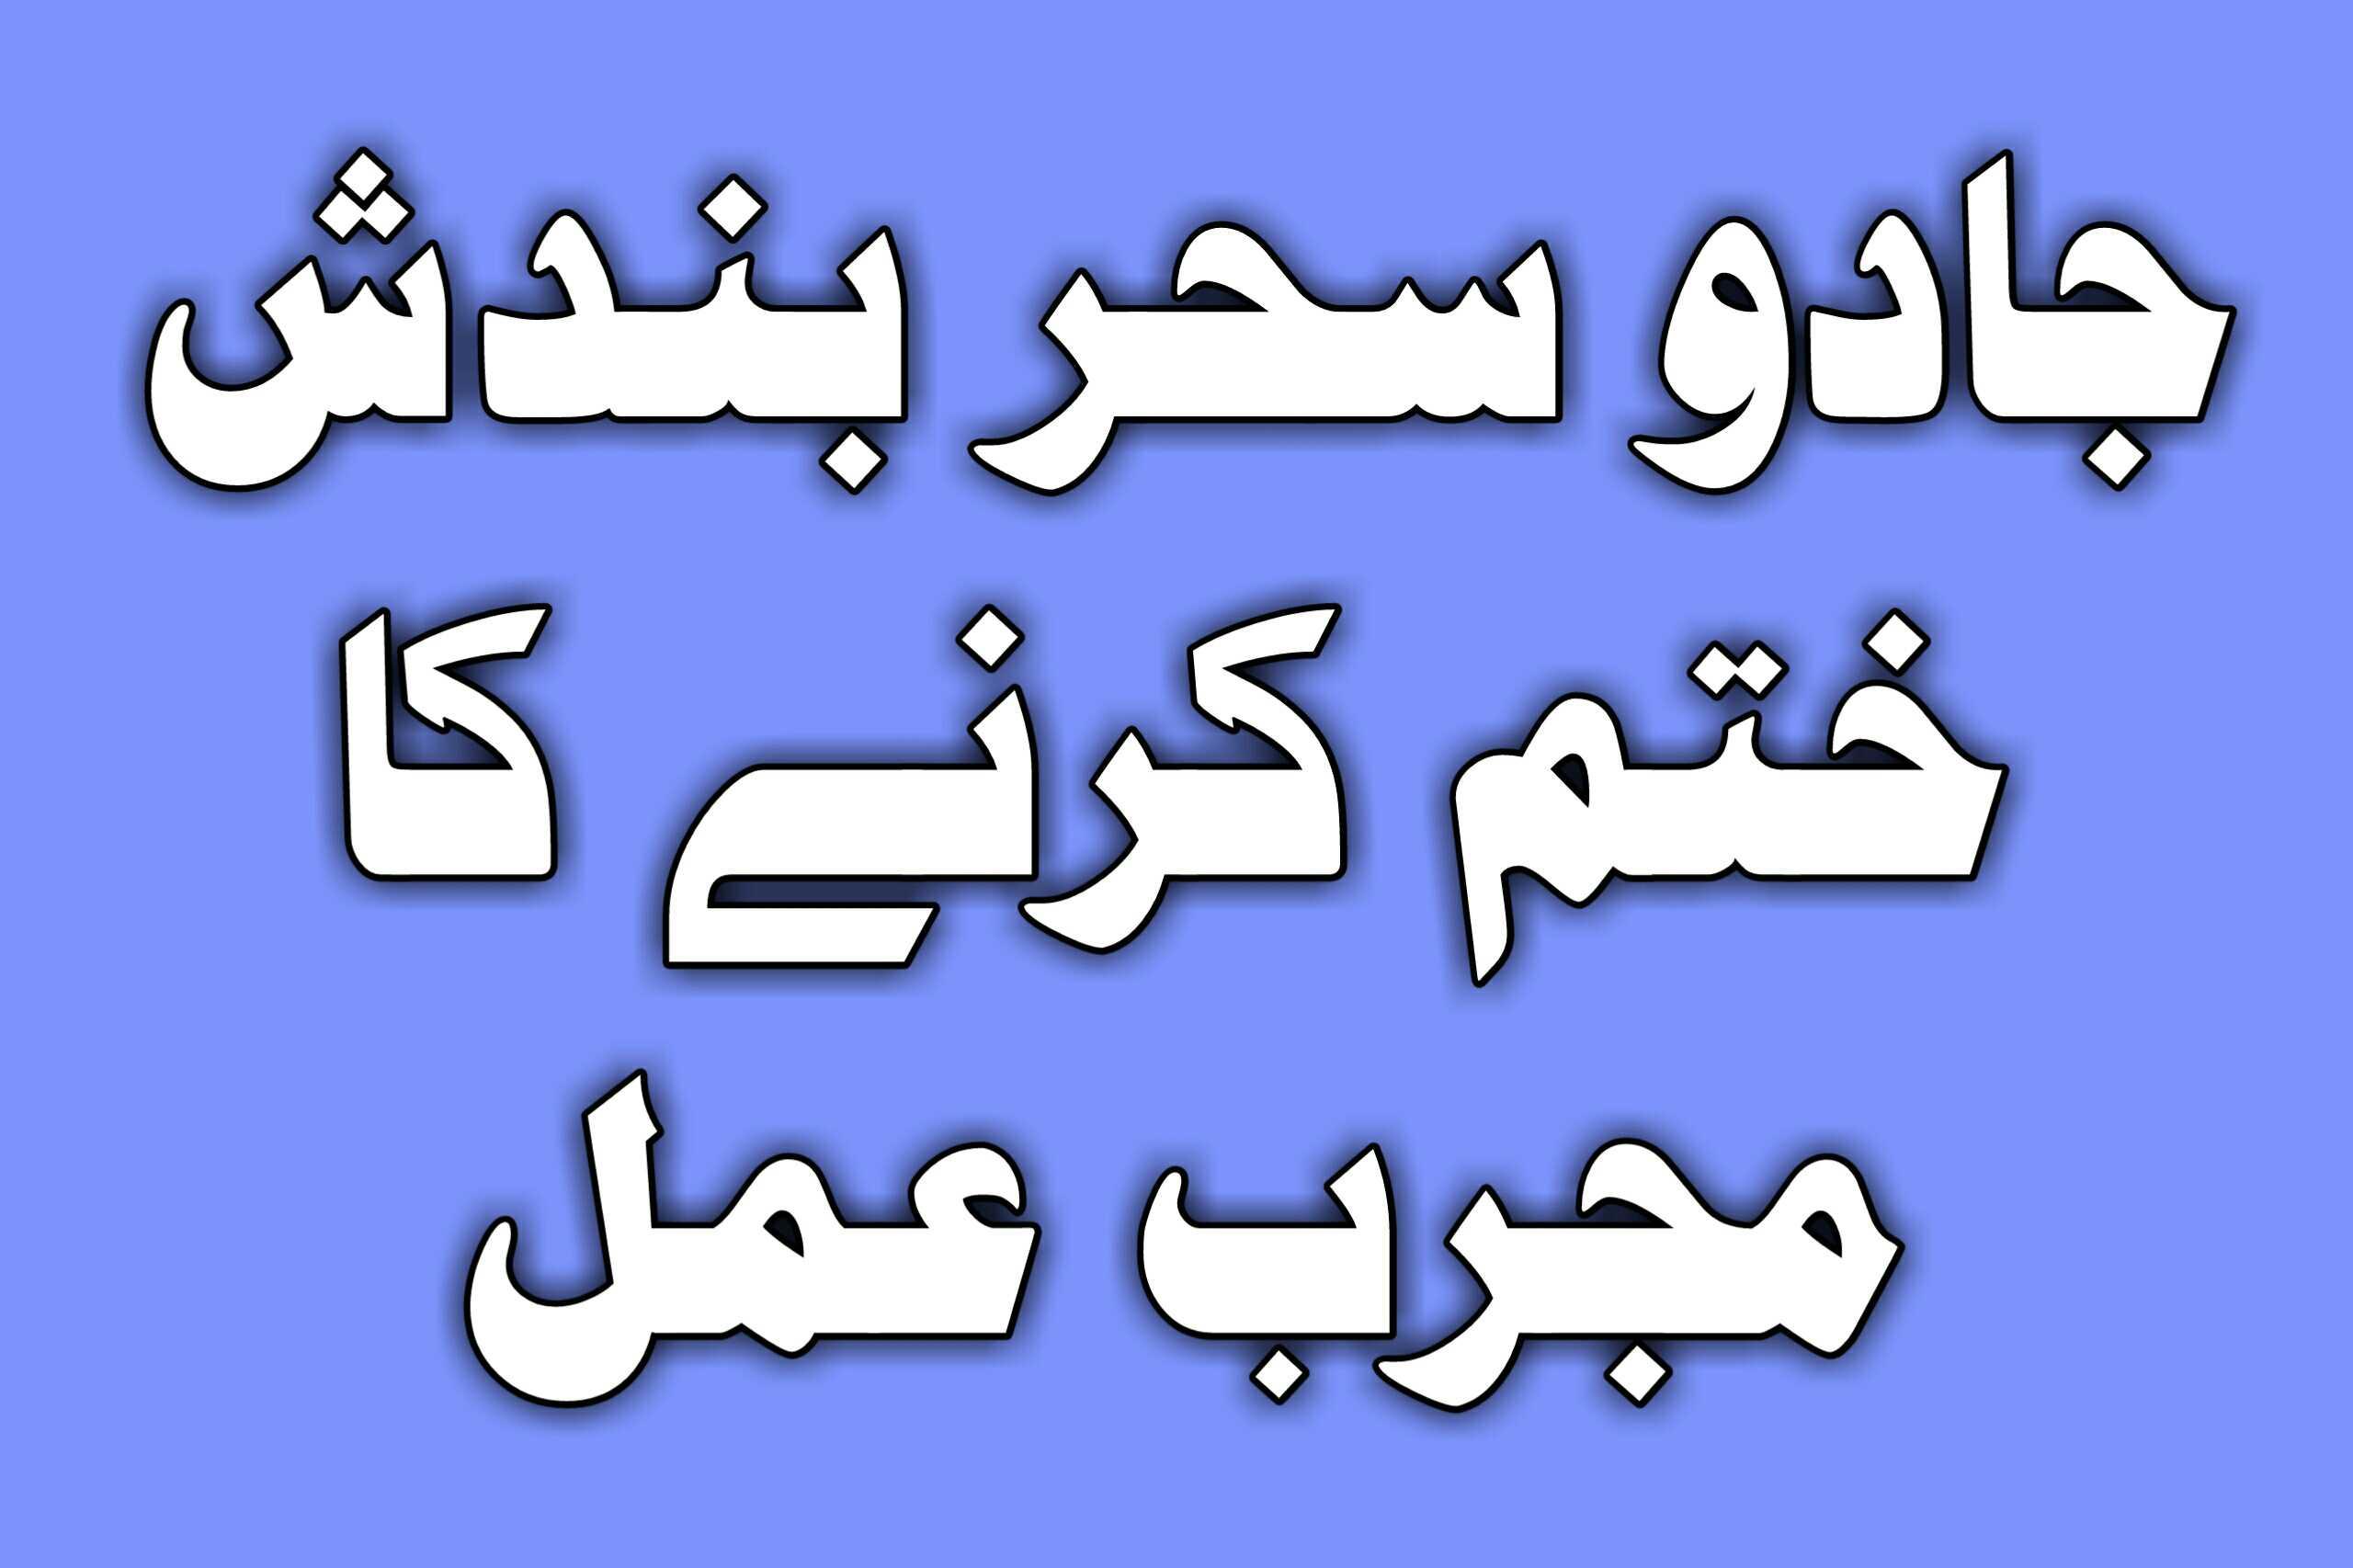 Jadu Sehr or Bandish Khatam Karney Ka Mujrab Amal